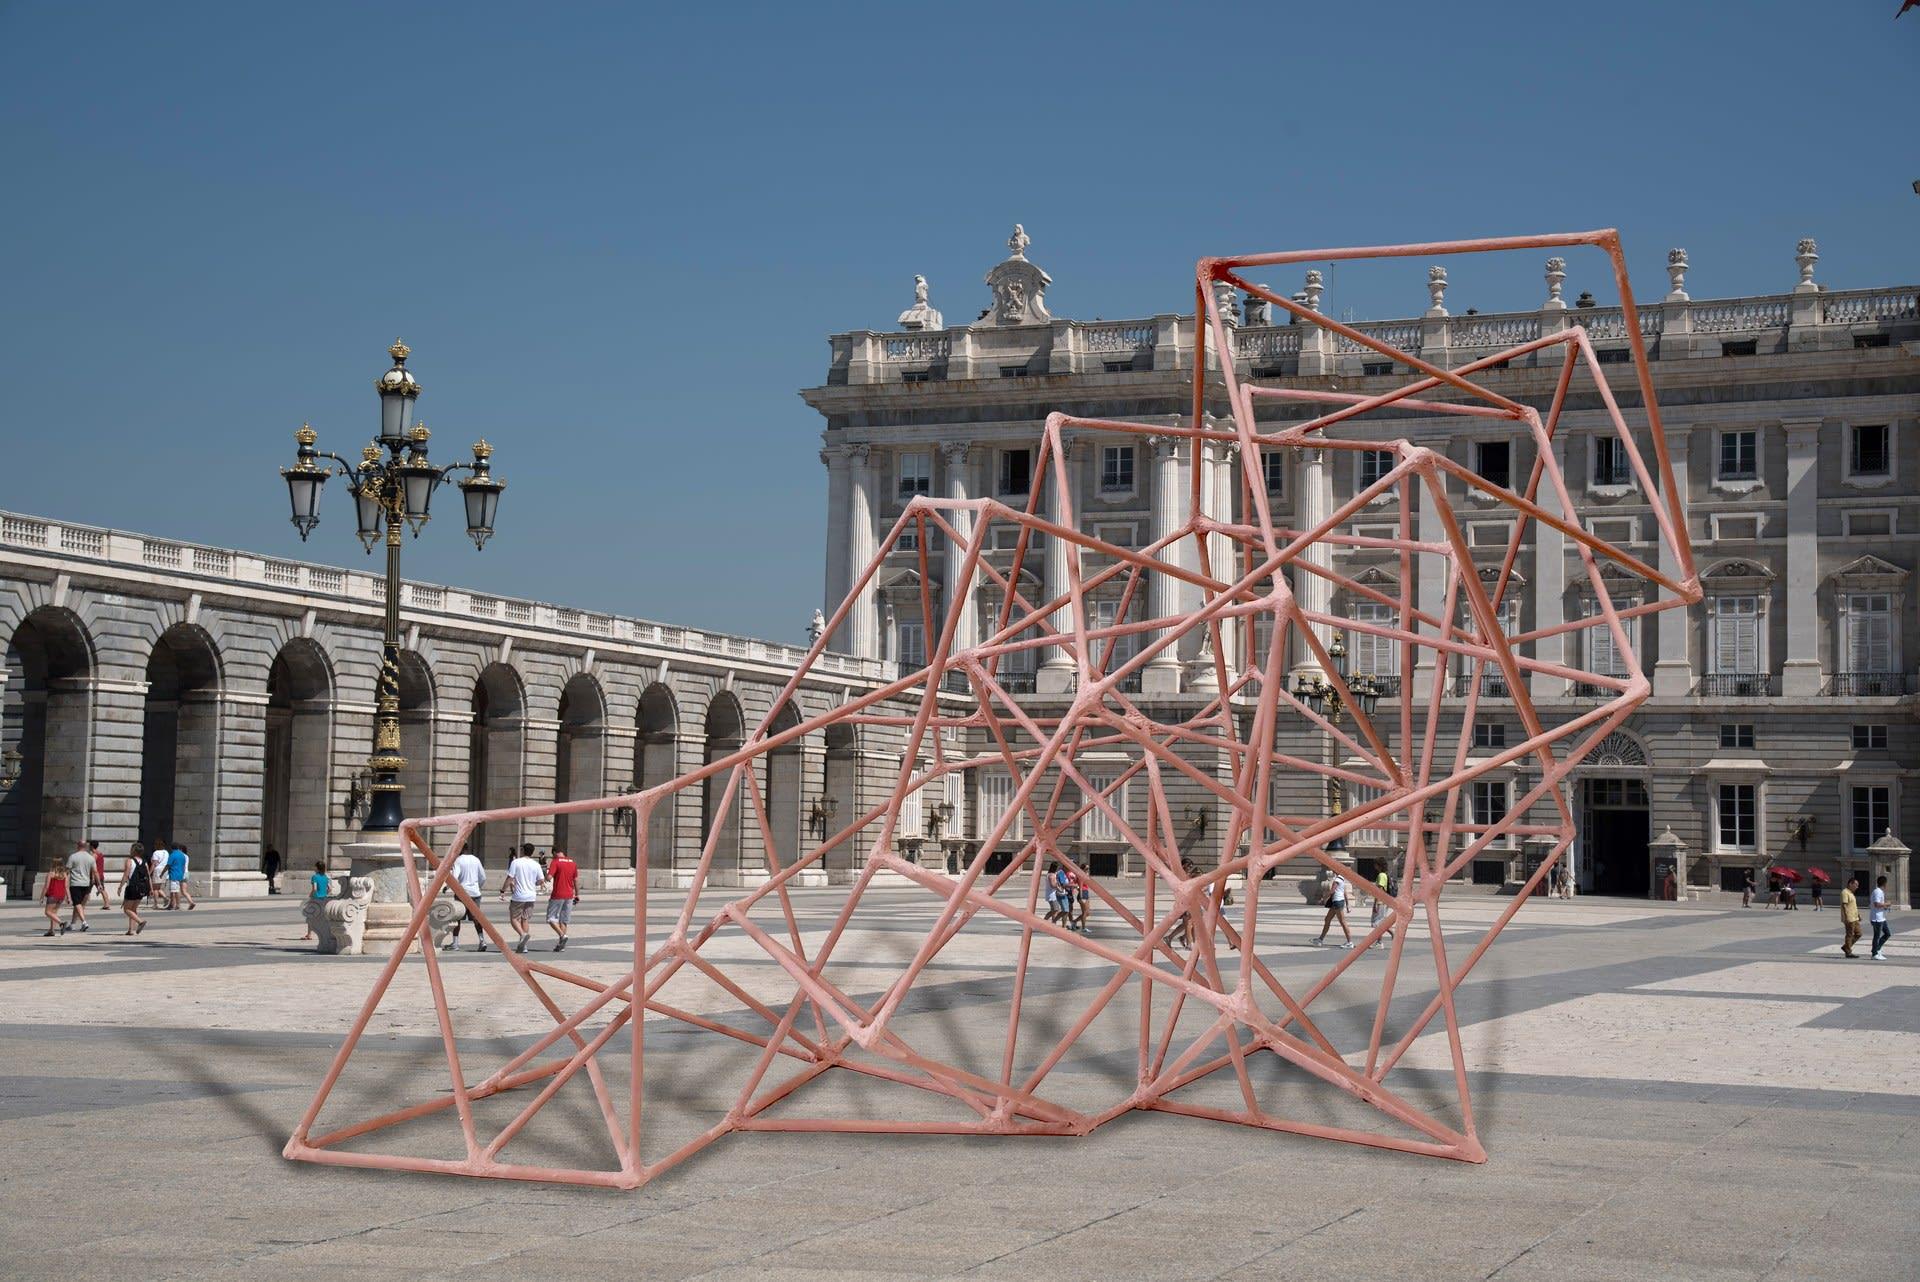 100 x 7 II Public Art Proposal